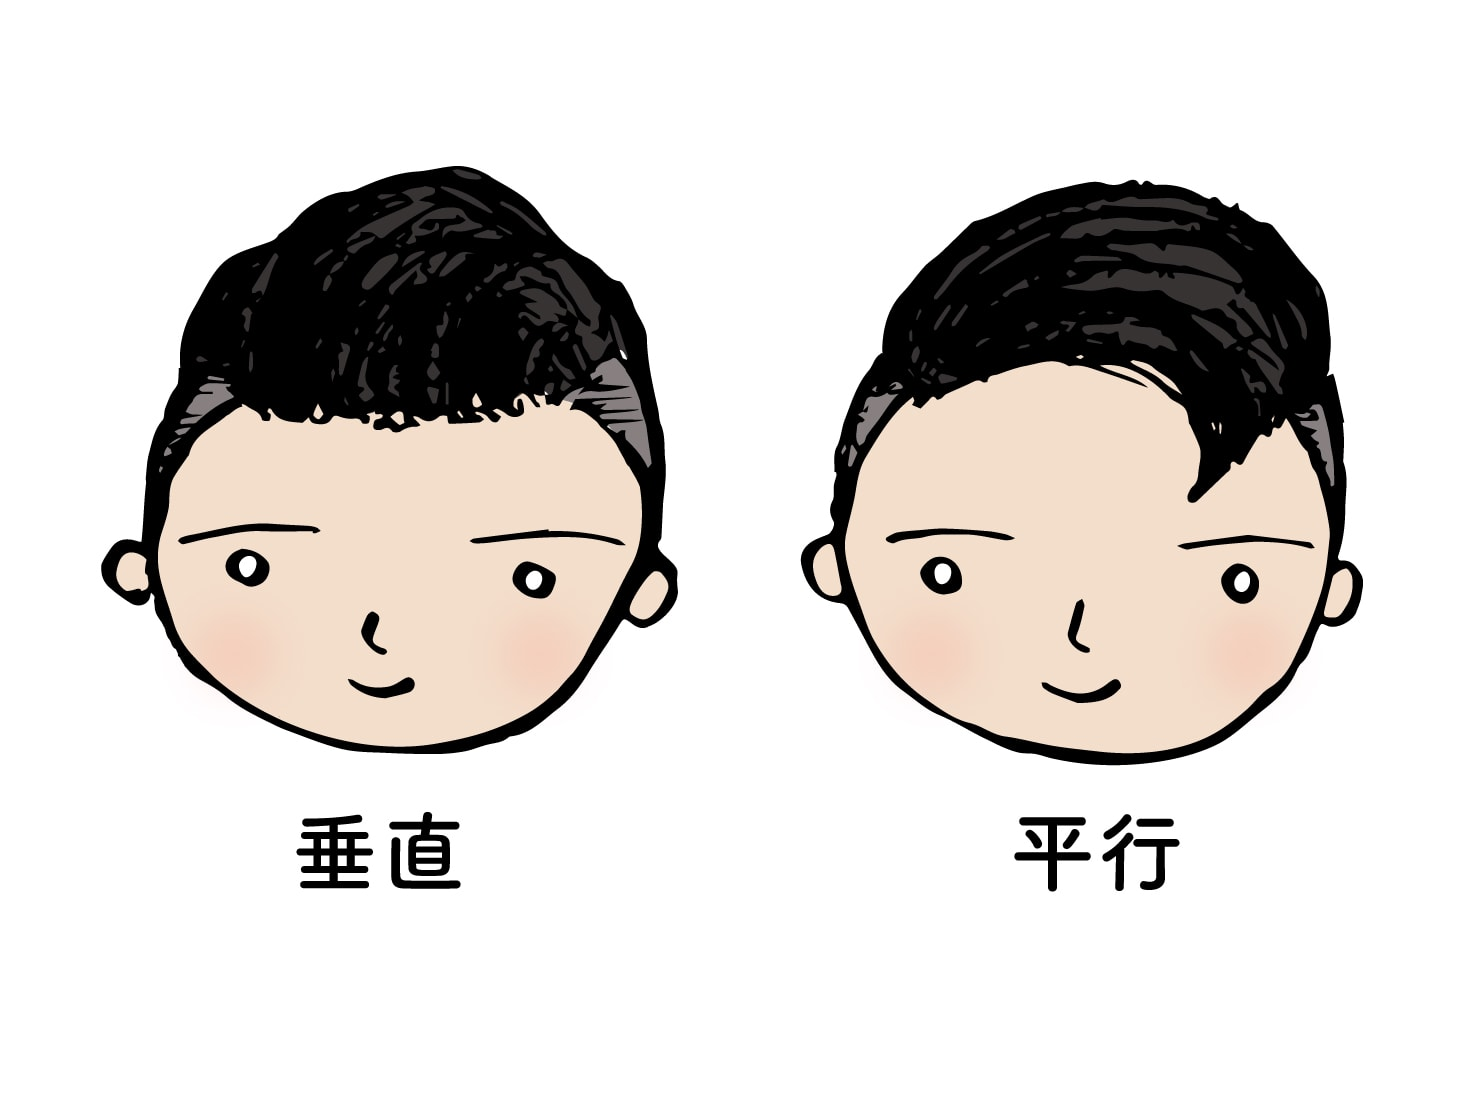 台湾男子御用達のヘアスタイル「リーゼント」2タイプ